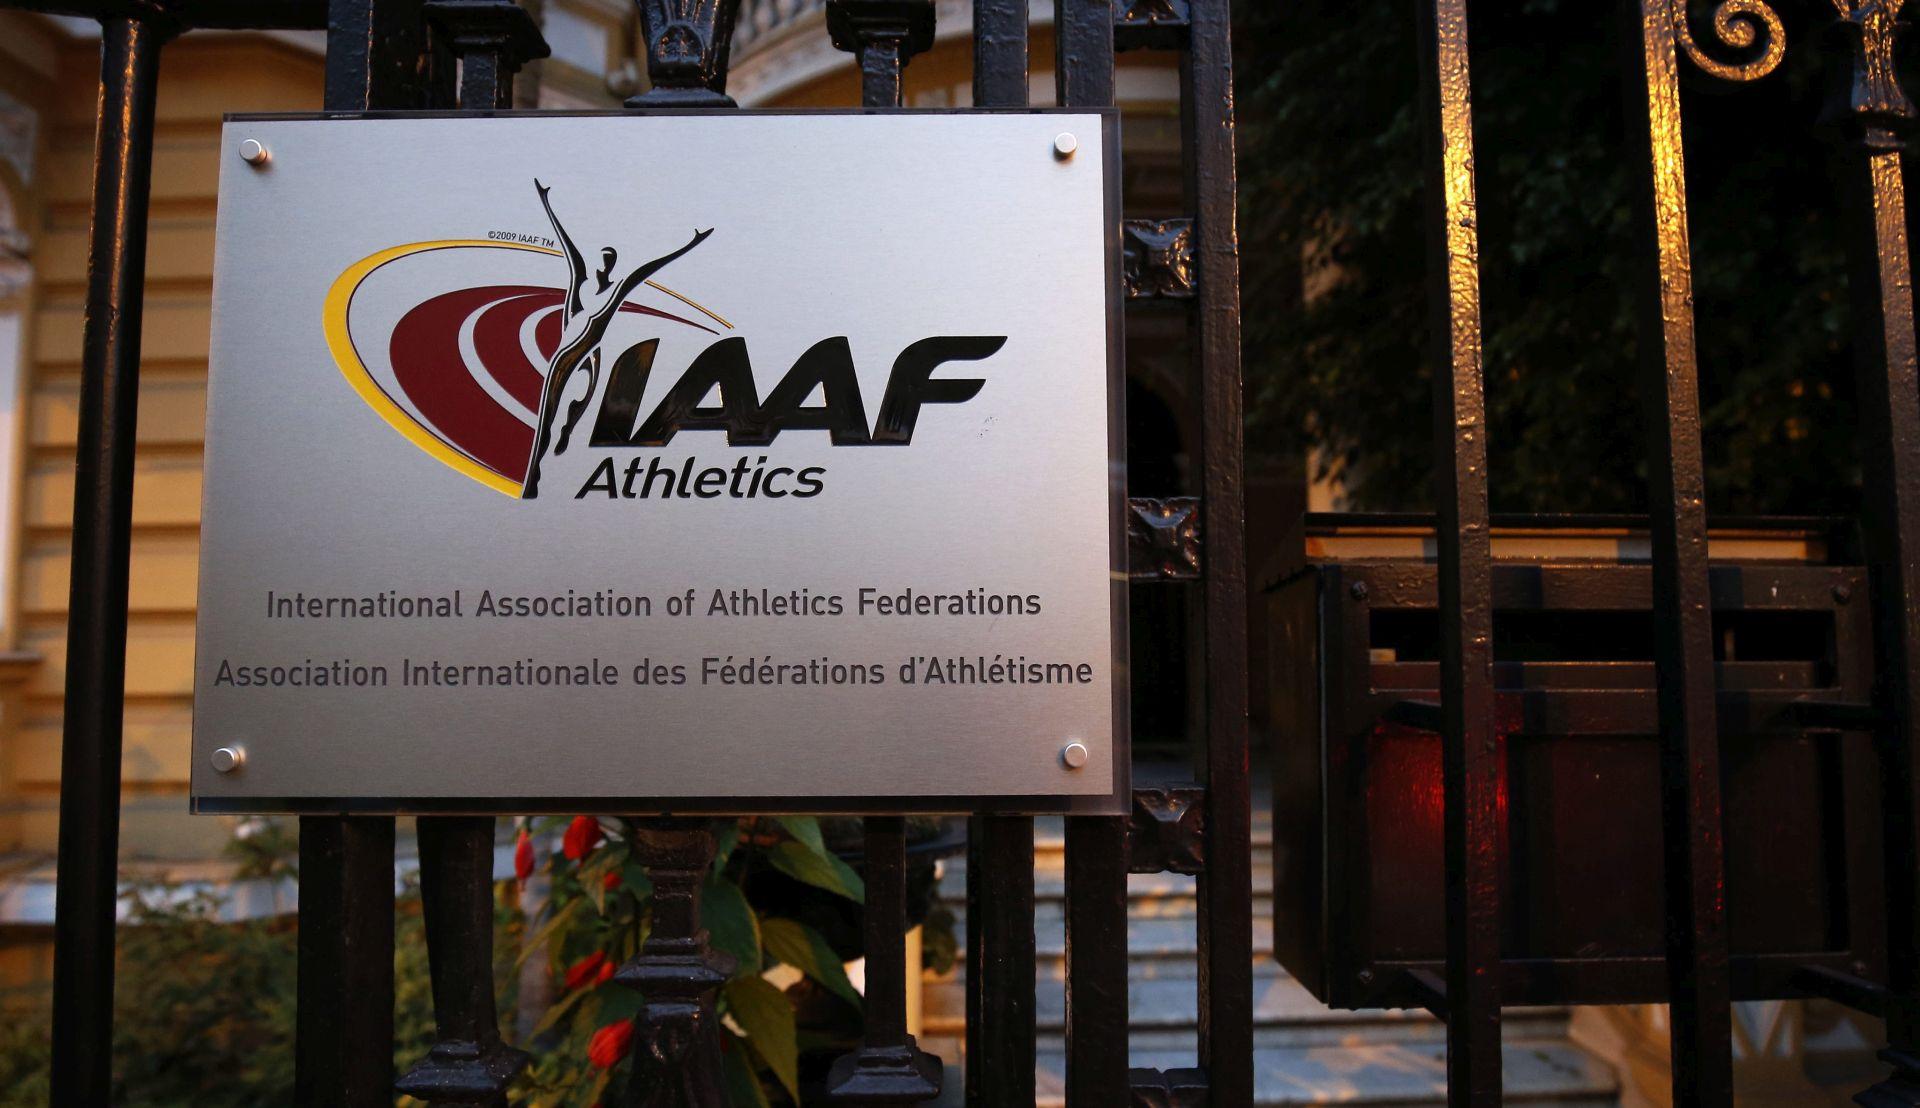 OPTUŽBE ZBOG DOPINGA: IAAF suspendirao Rusiju